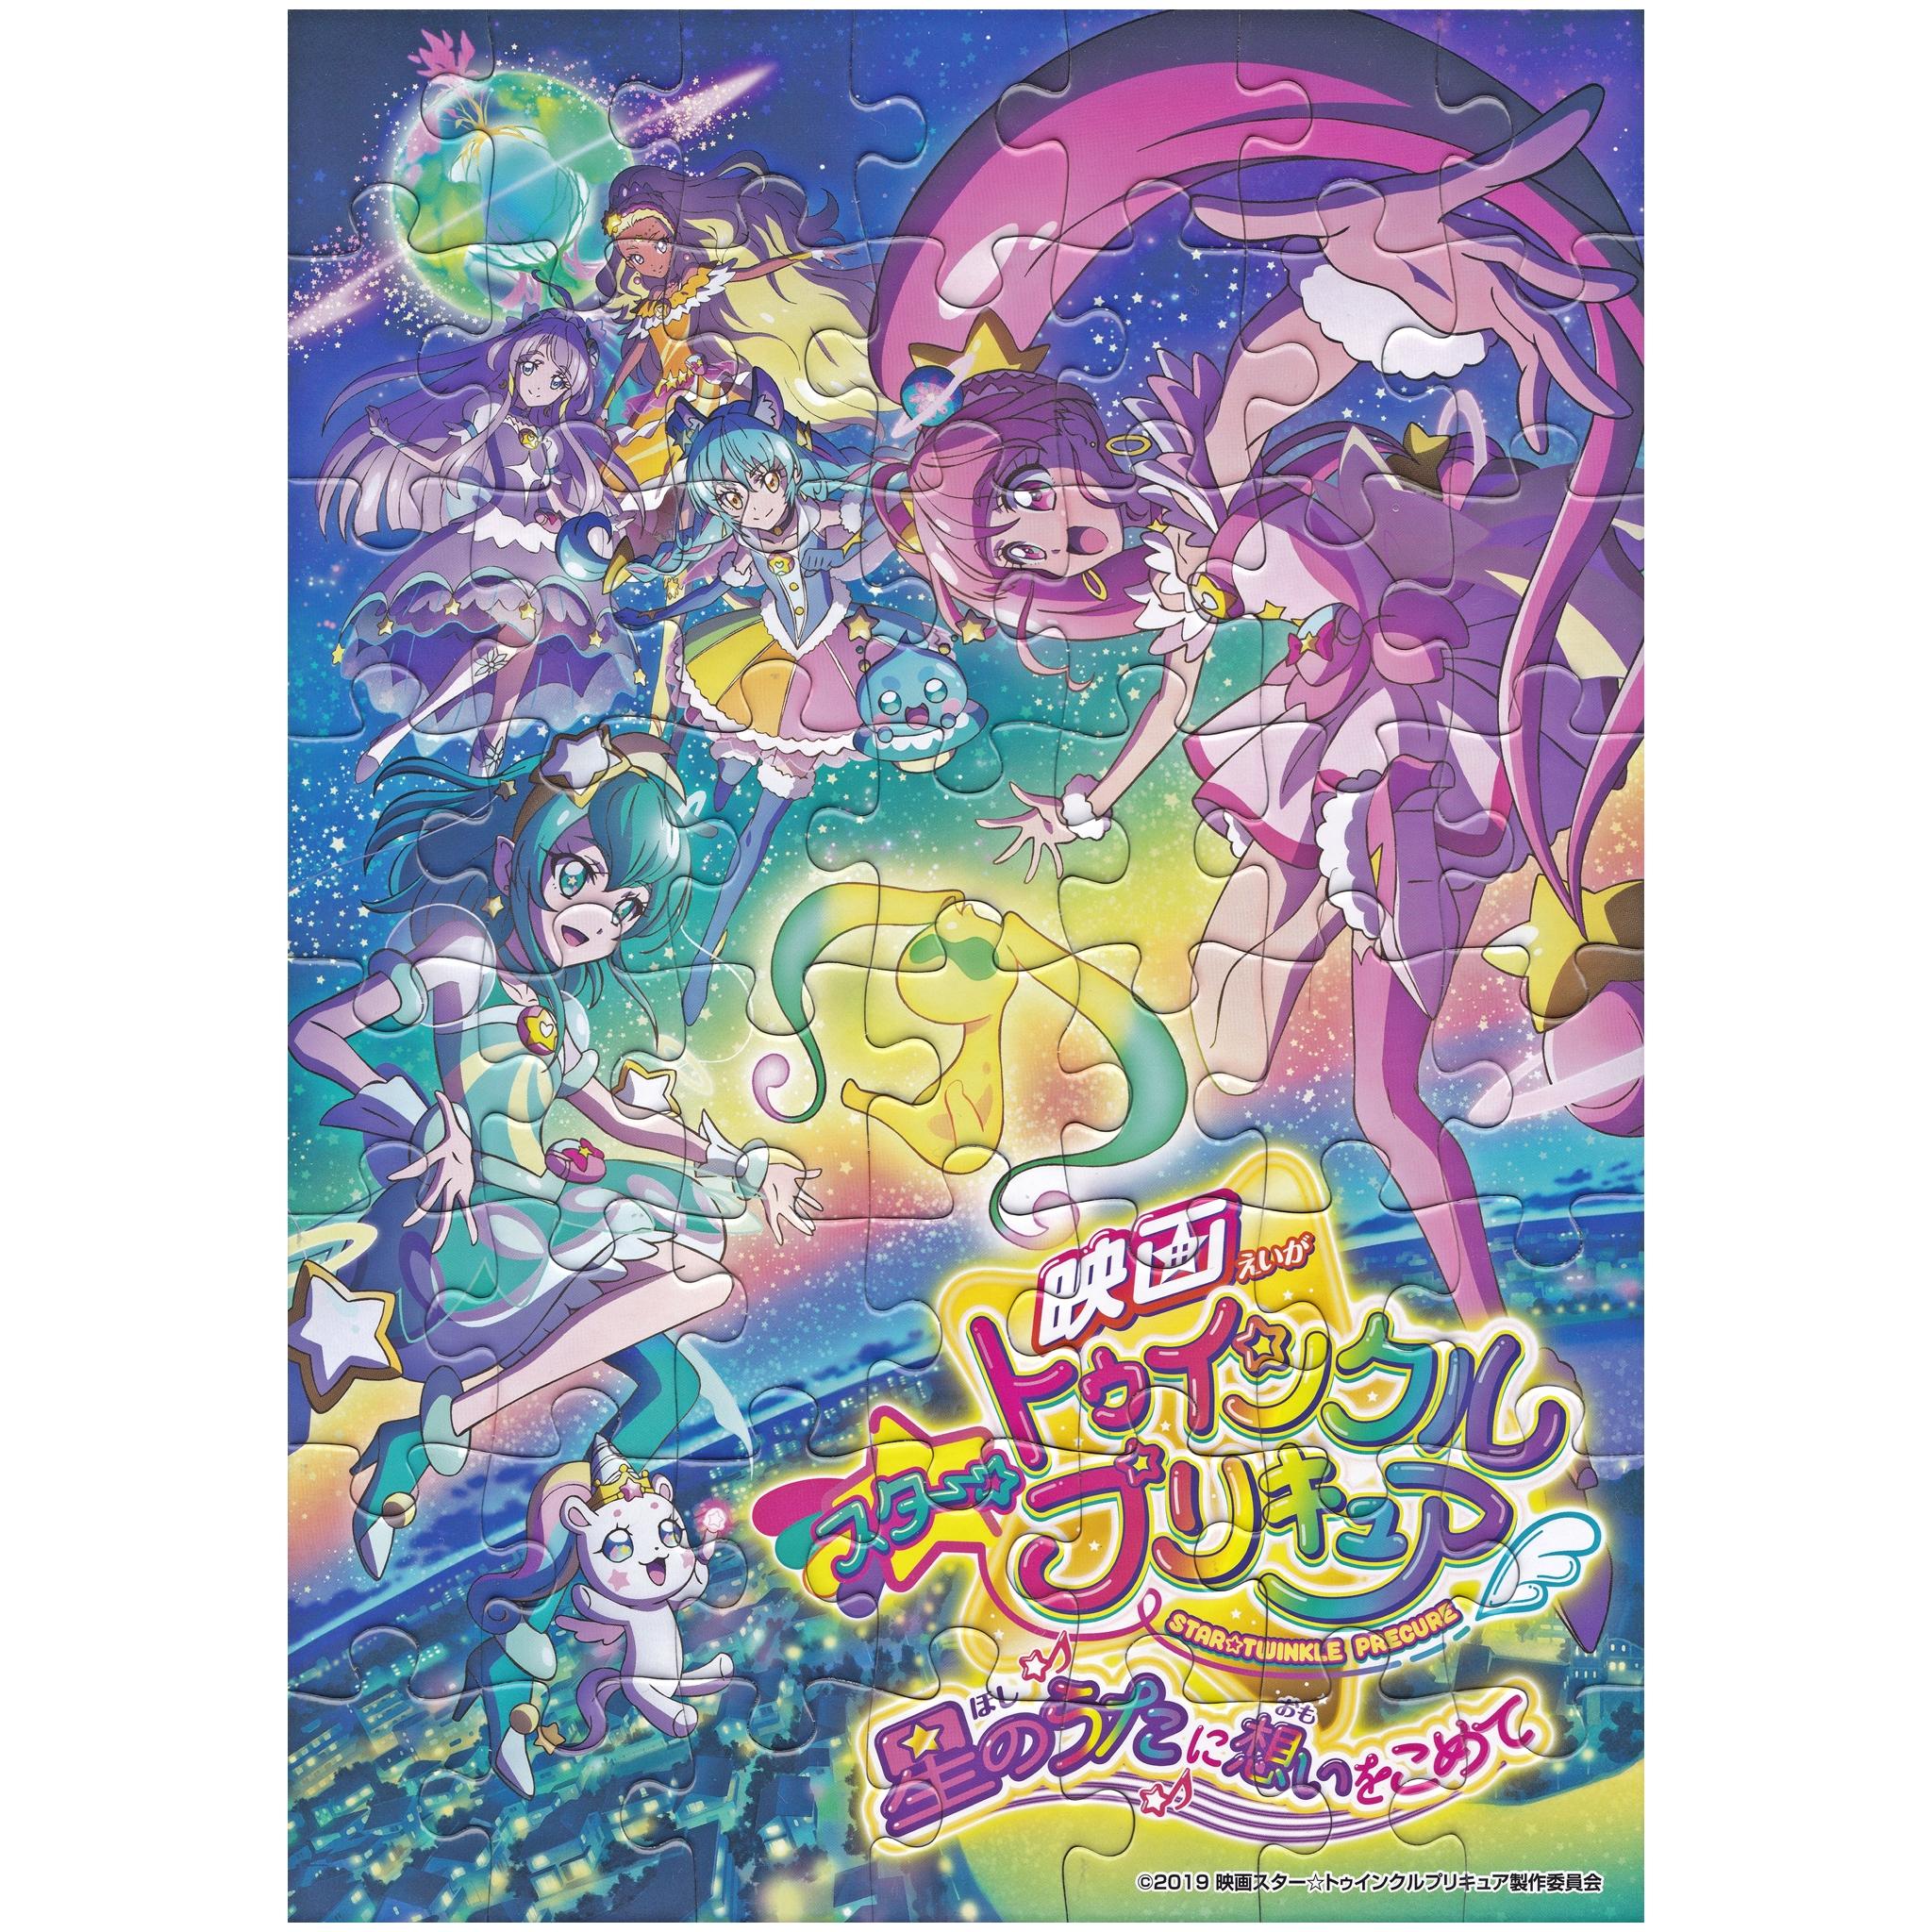 スタートゥインクルプリキュア キャラクタースリーブ パズルガム3